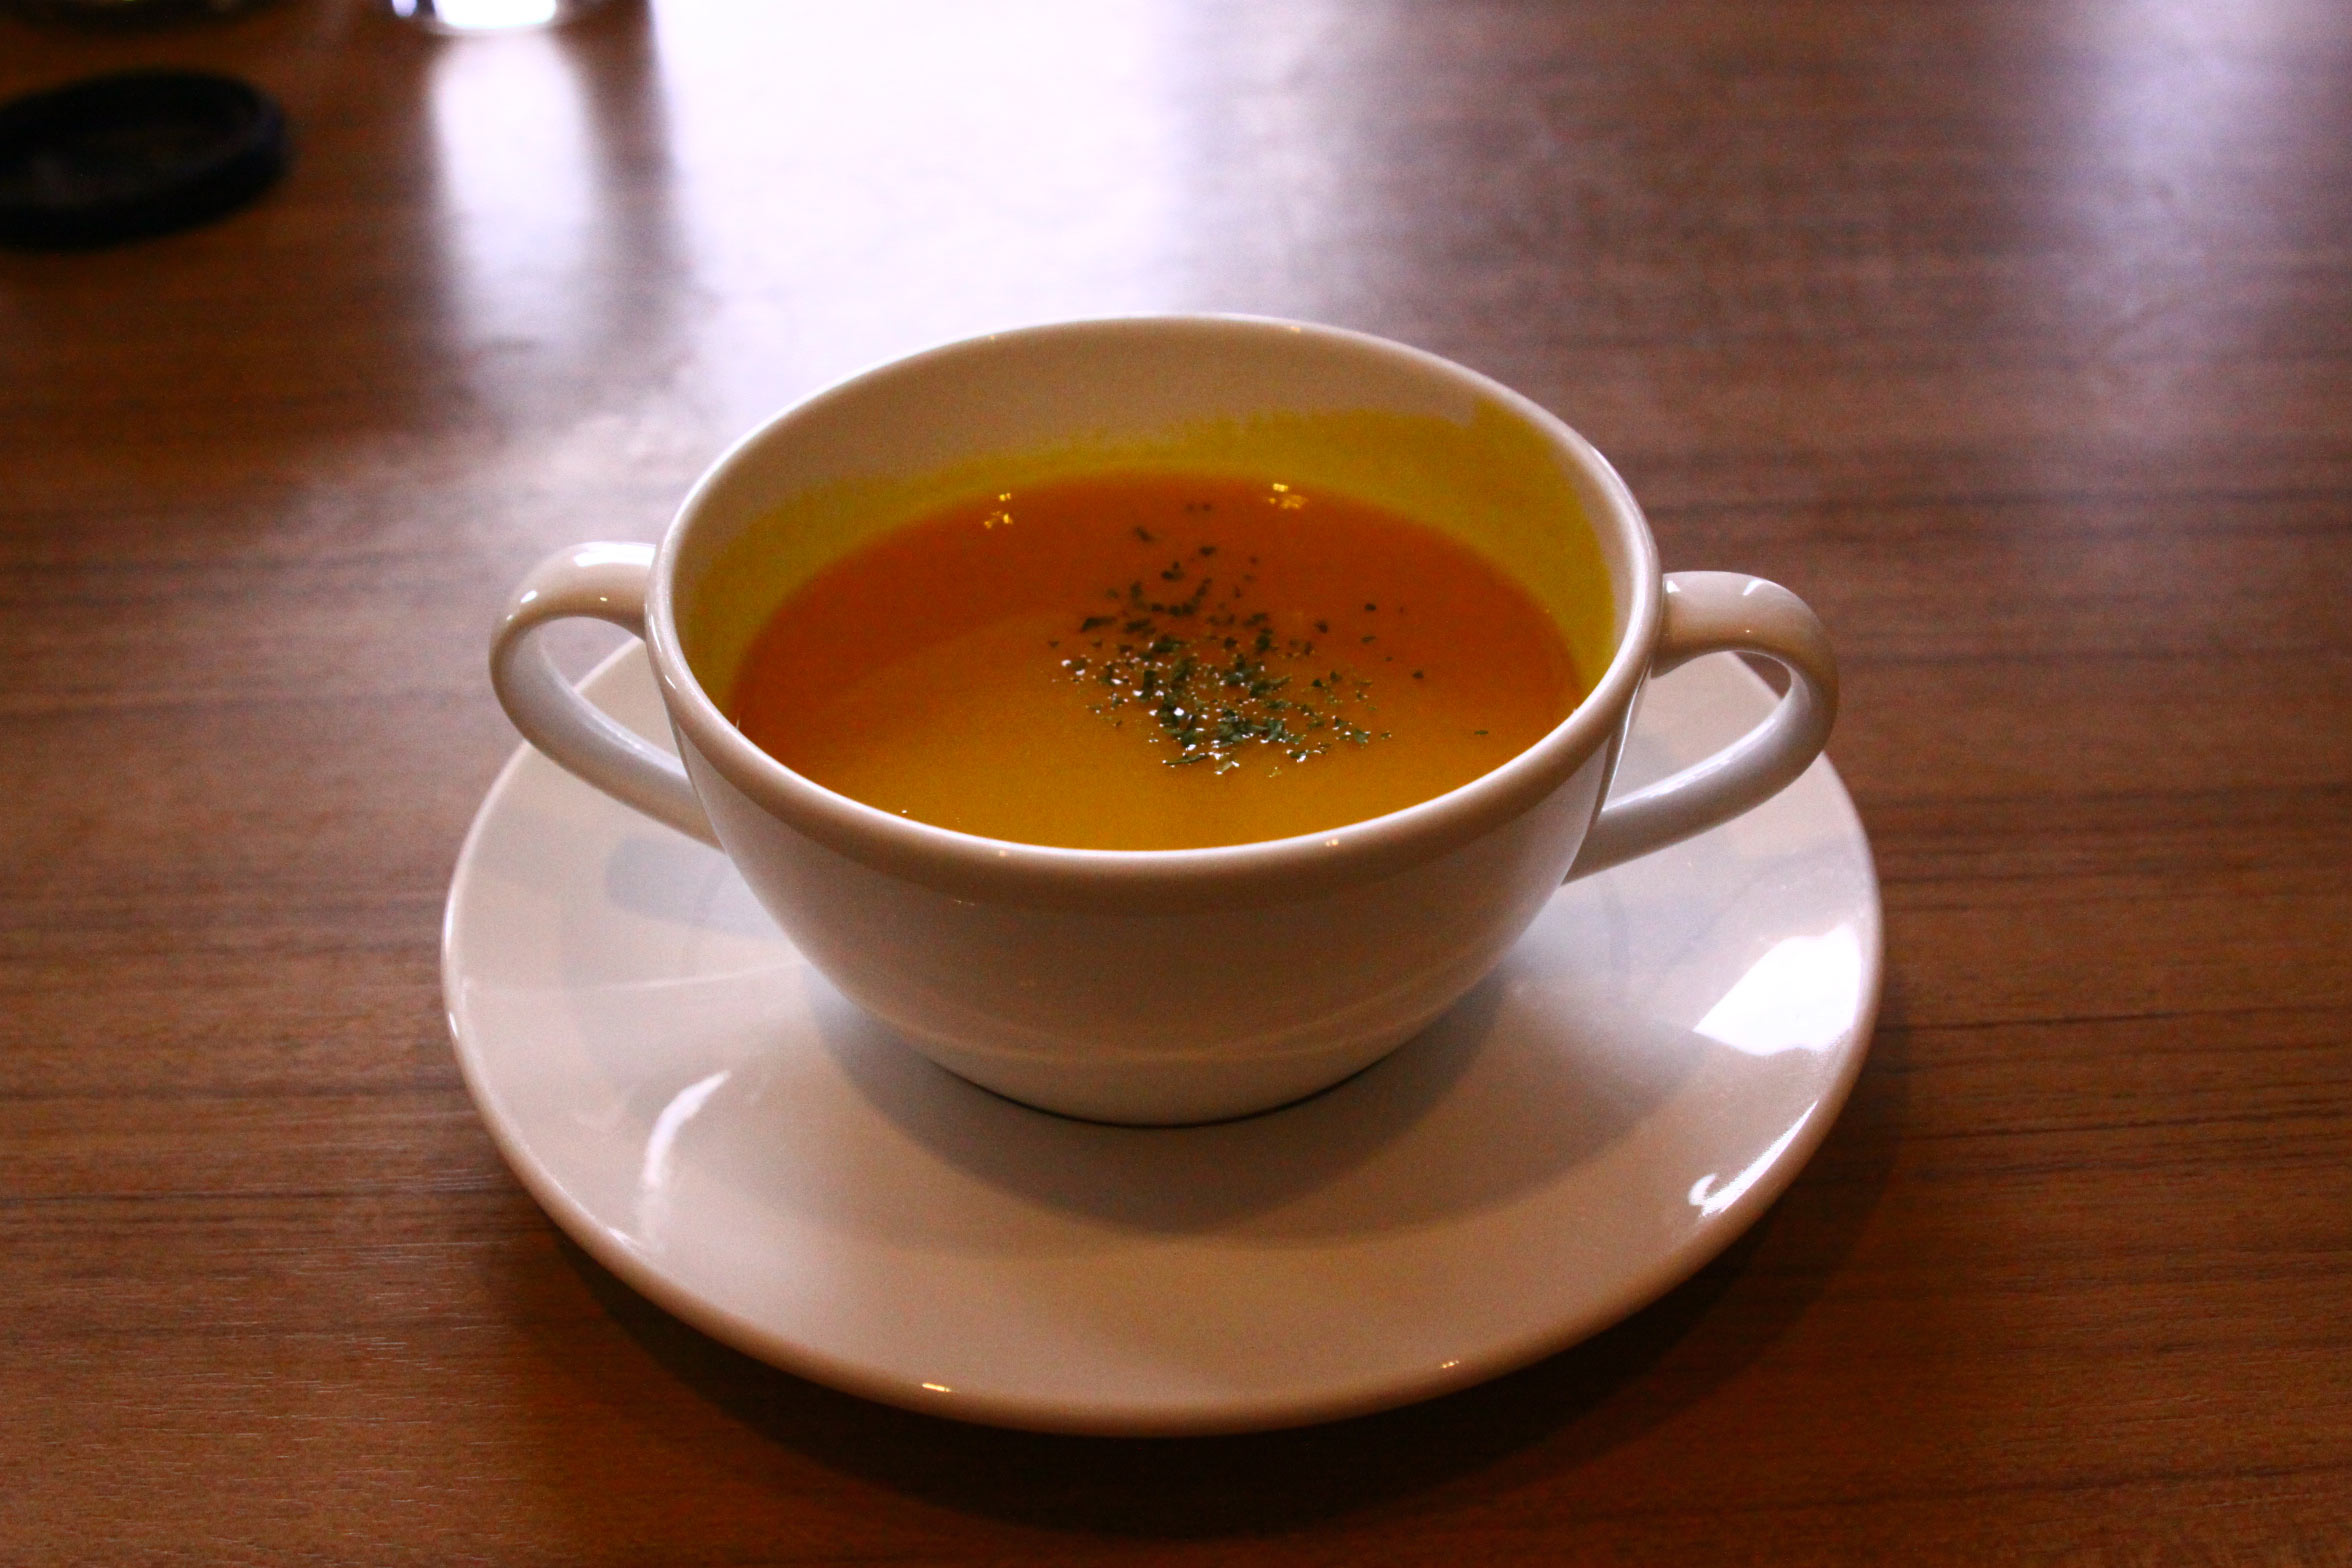 かぼちゃスープ・神戸学院大学内レストラン